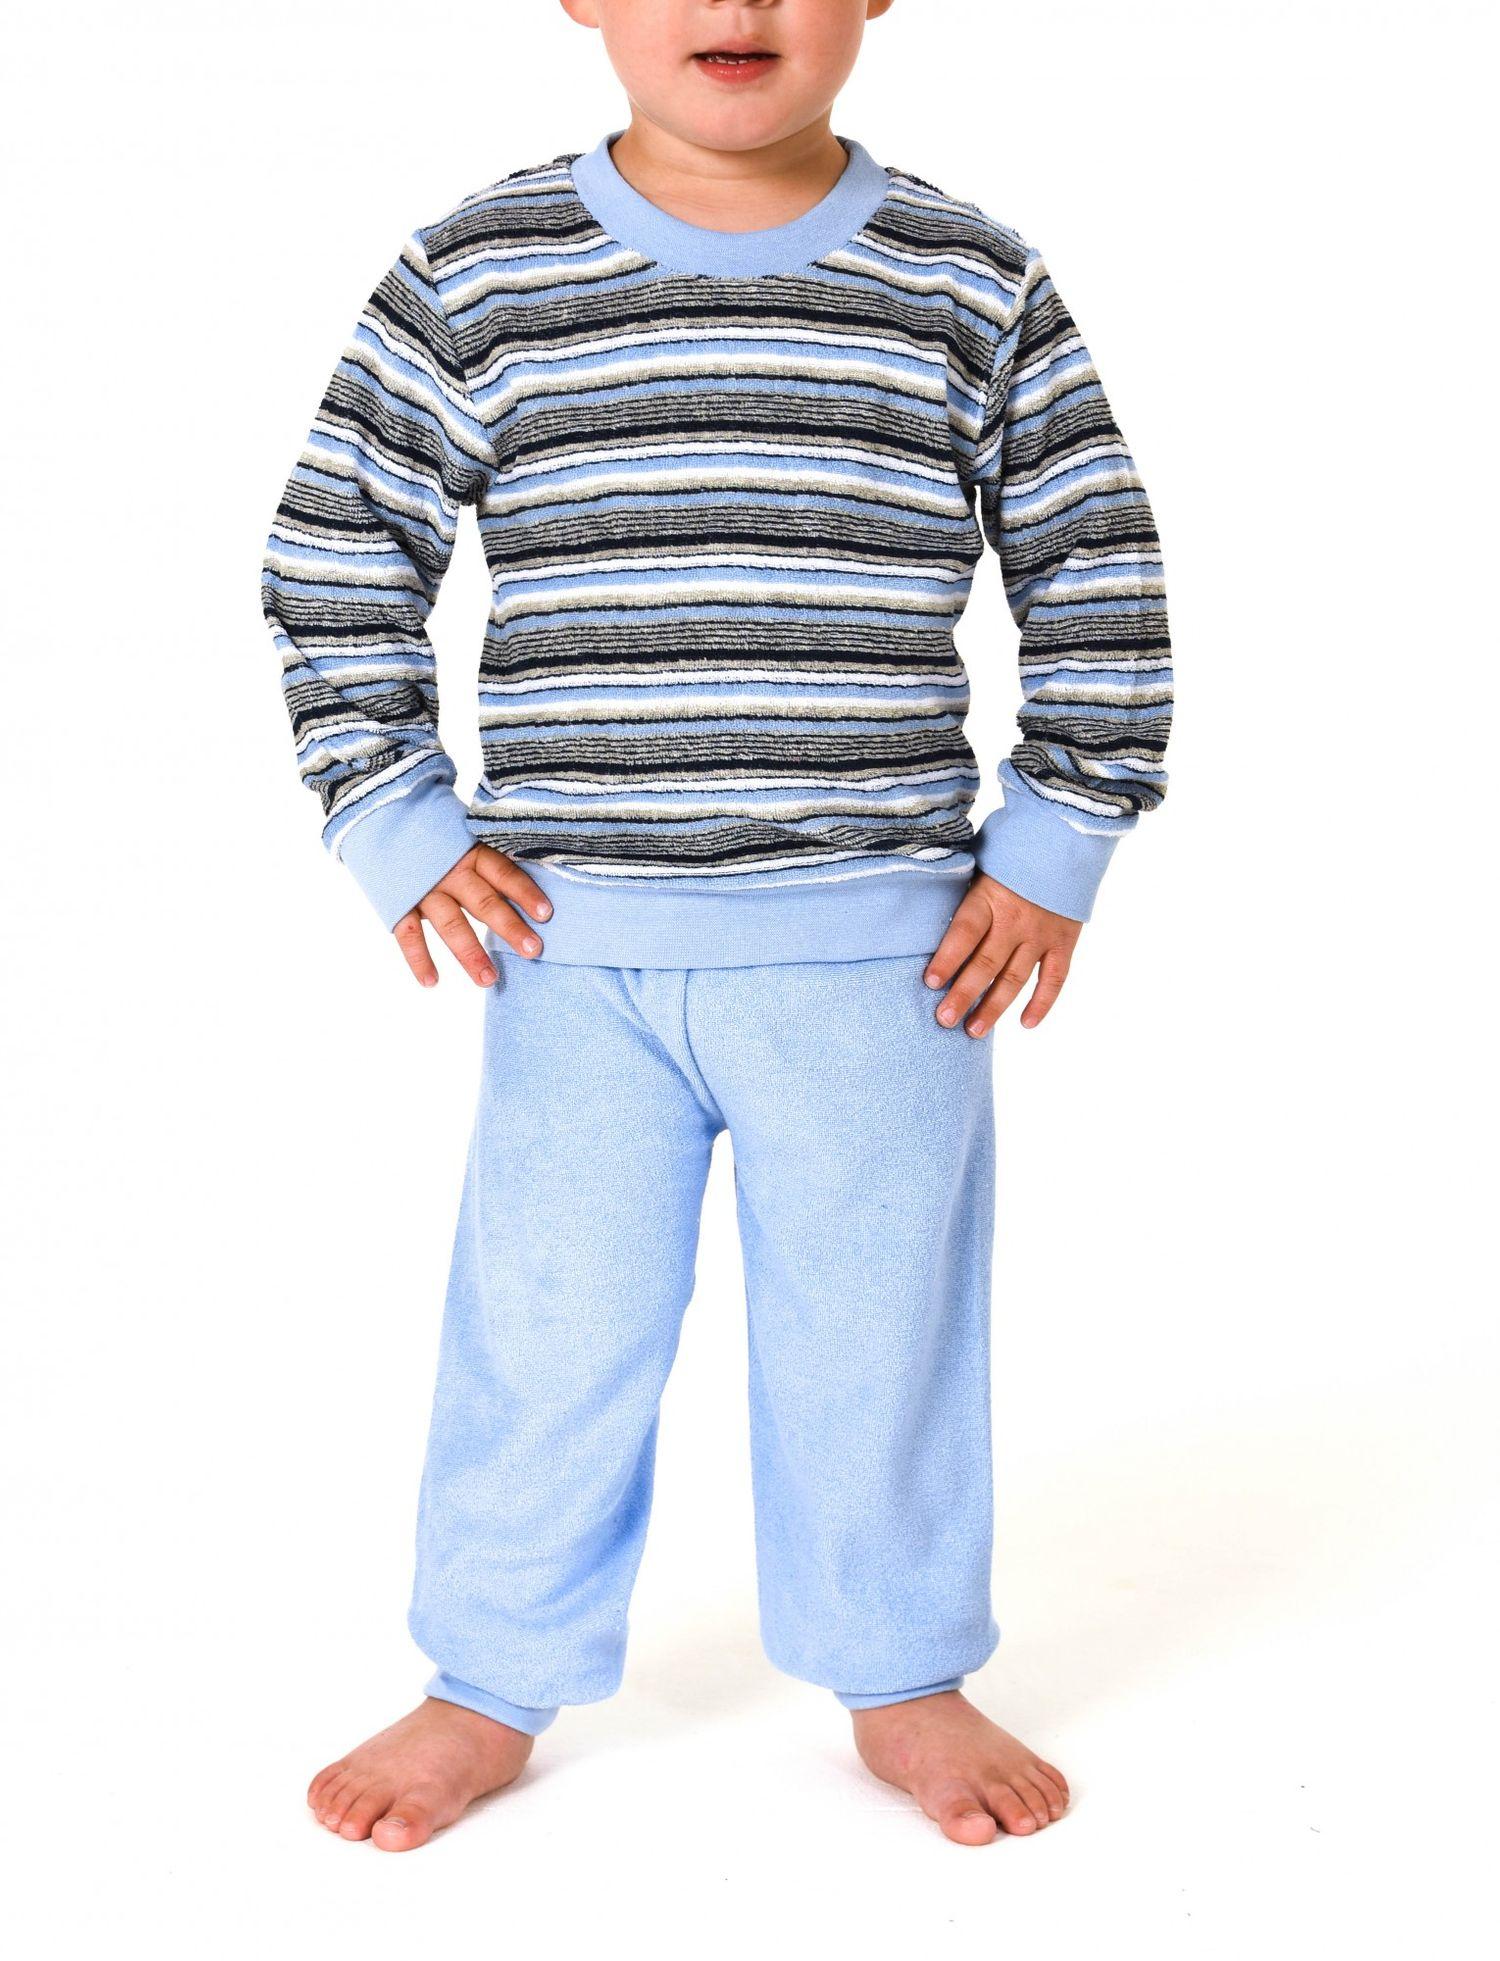 Mädchen Frottee Pyjama lang mit Bündchen – Grössen 86 – 110 -   251 701 93 045 – Bild 2